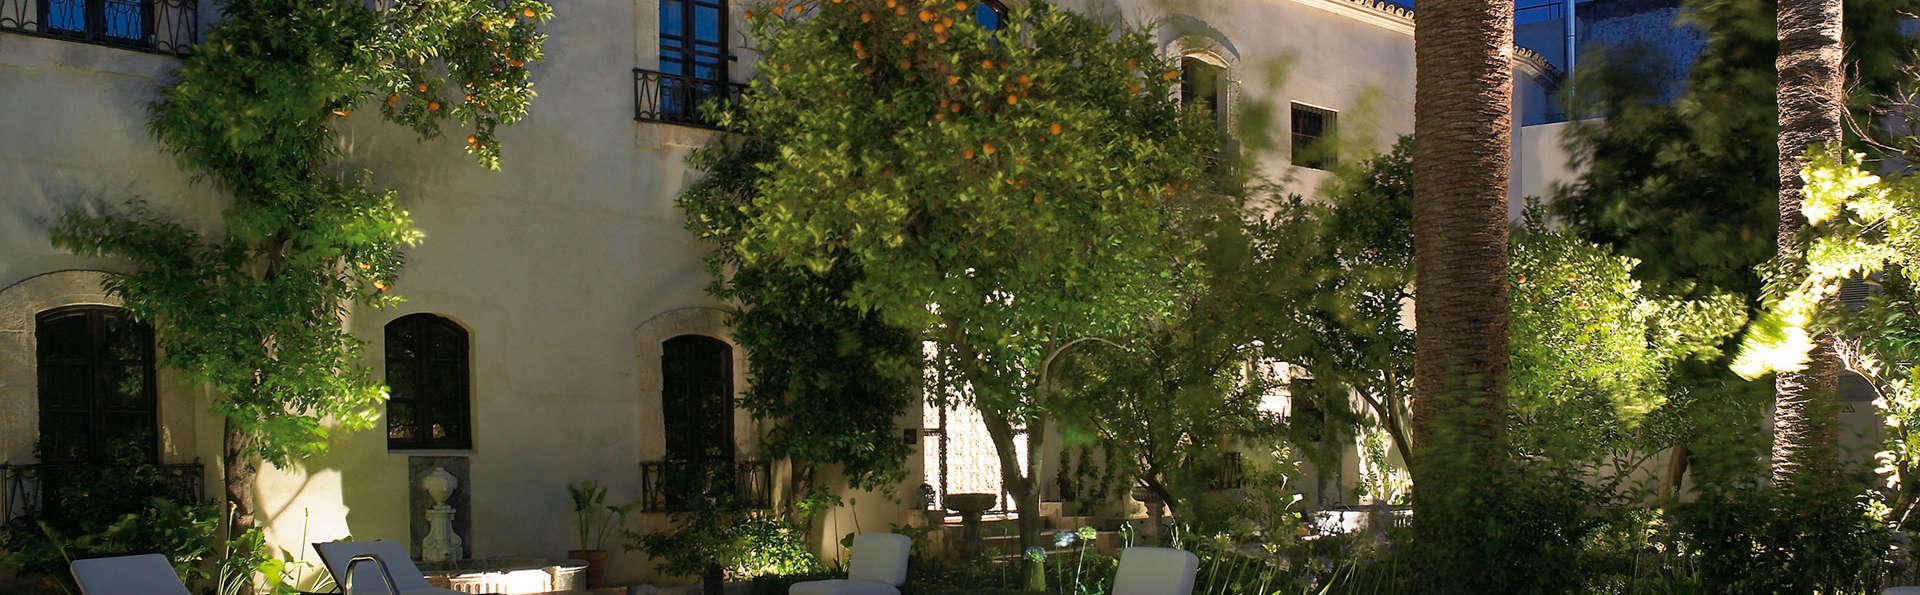 Hospes Palacio del Bailío - EDIT_front.jpg